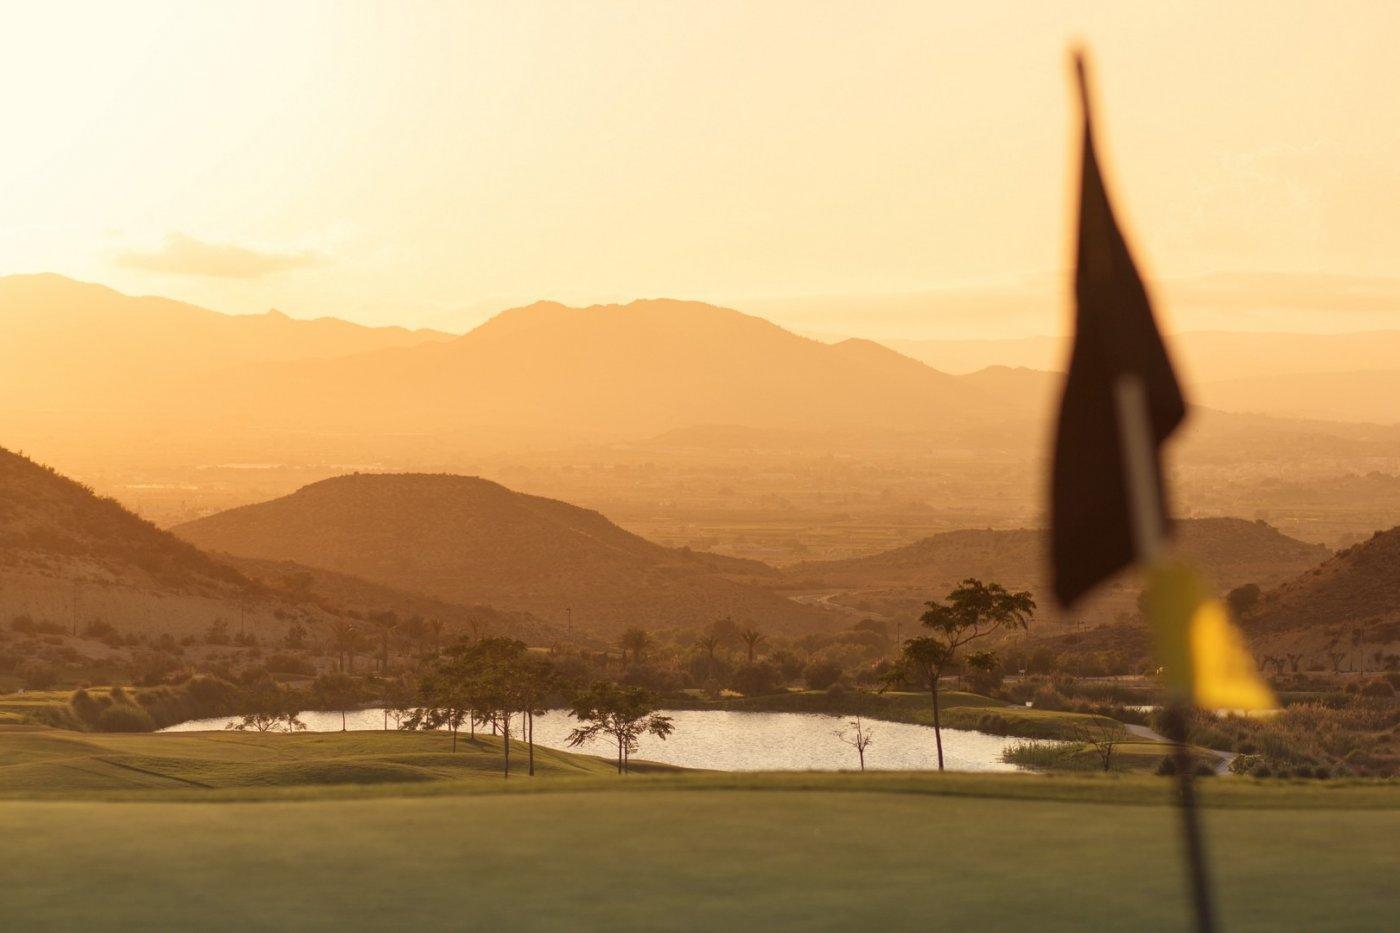 Villas en primera lÍnea de golf en font del llop - imagenInmueble14